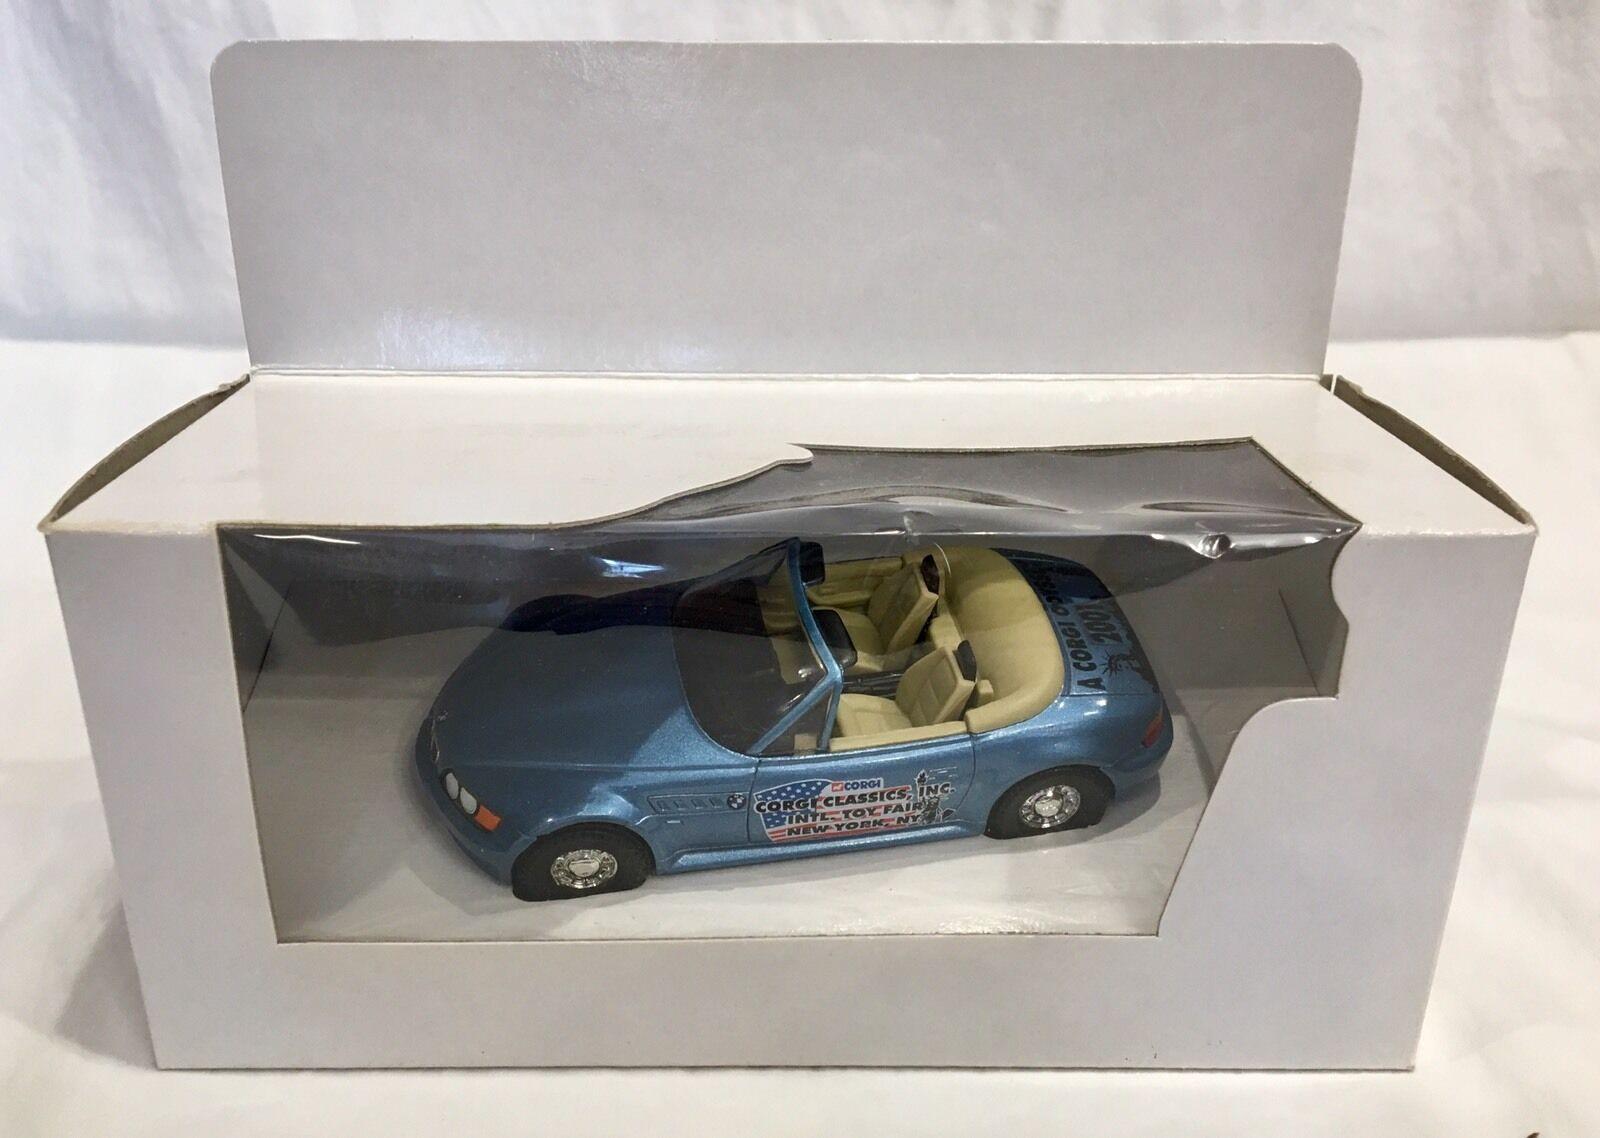 BMW Z3 Replica CORGI CLASSICS Odyssey 2001 New York vous juste édition spéciale